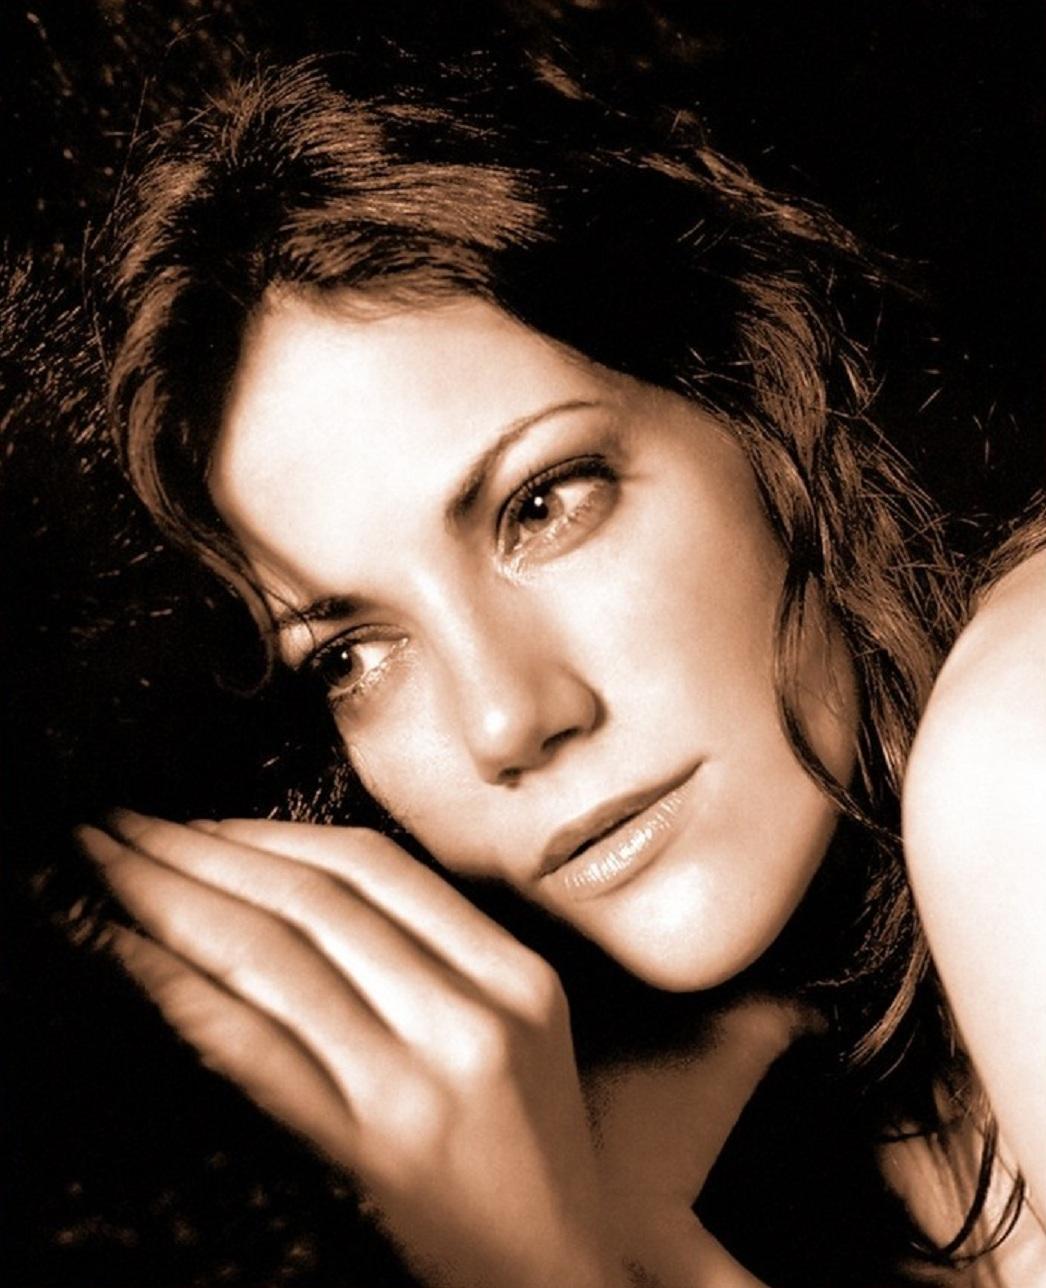 Hollywood Actress Wallpaper: Bettina Zimmermann Wallpapers